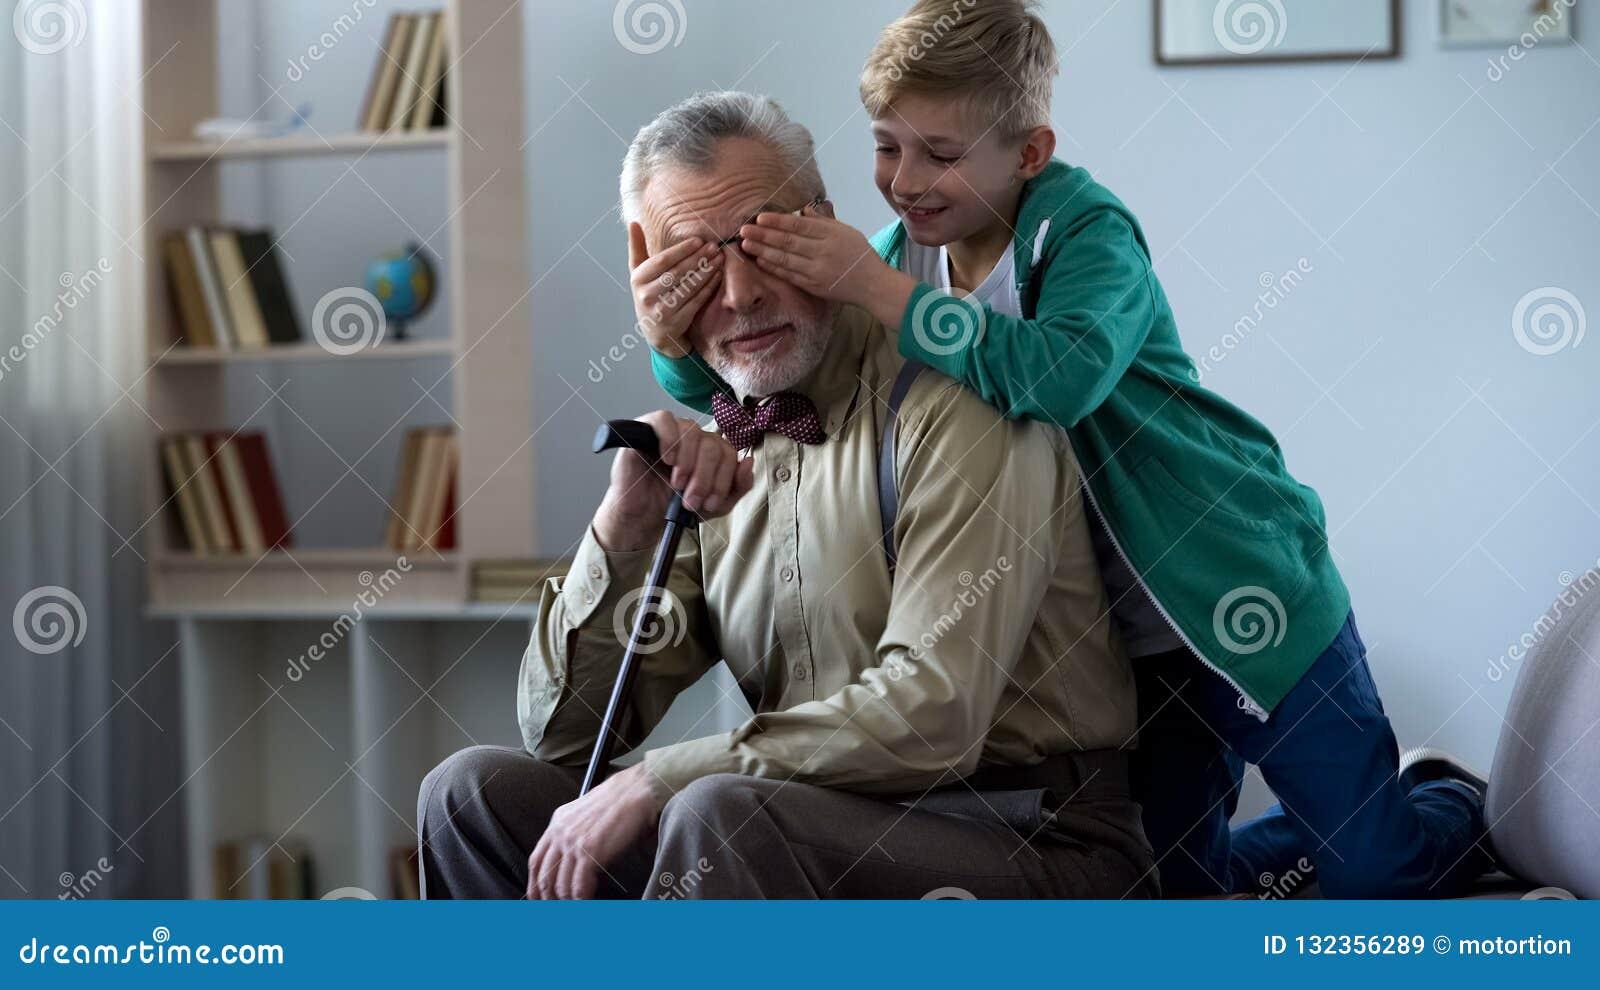 Jongens speel en sluitende grootvader samen in het weekend ogen, die pret hebben